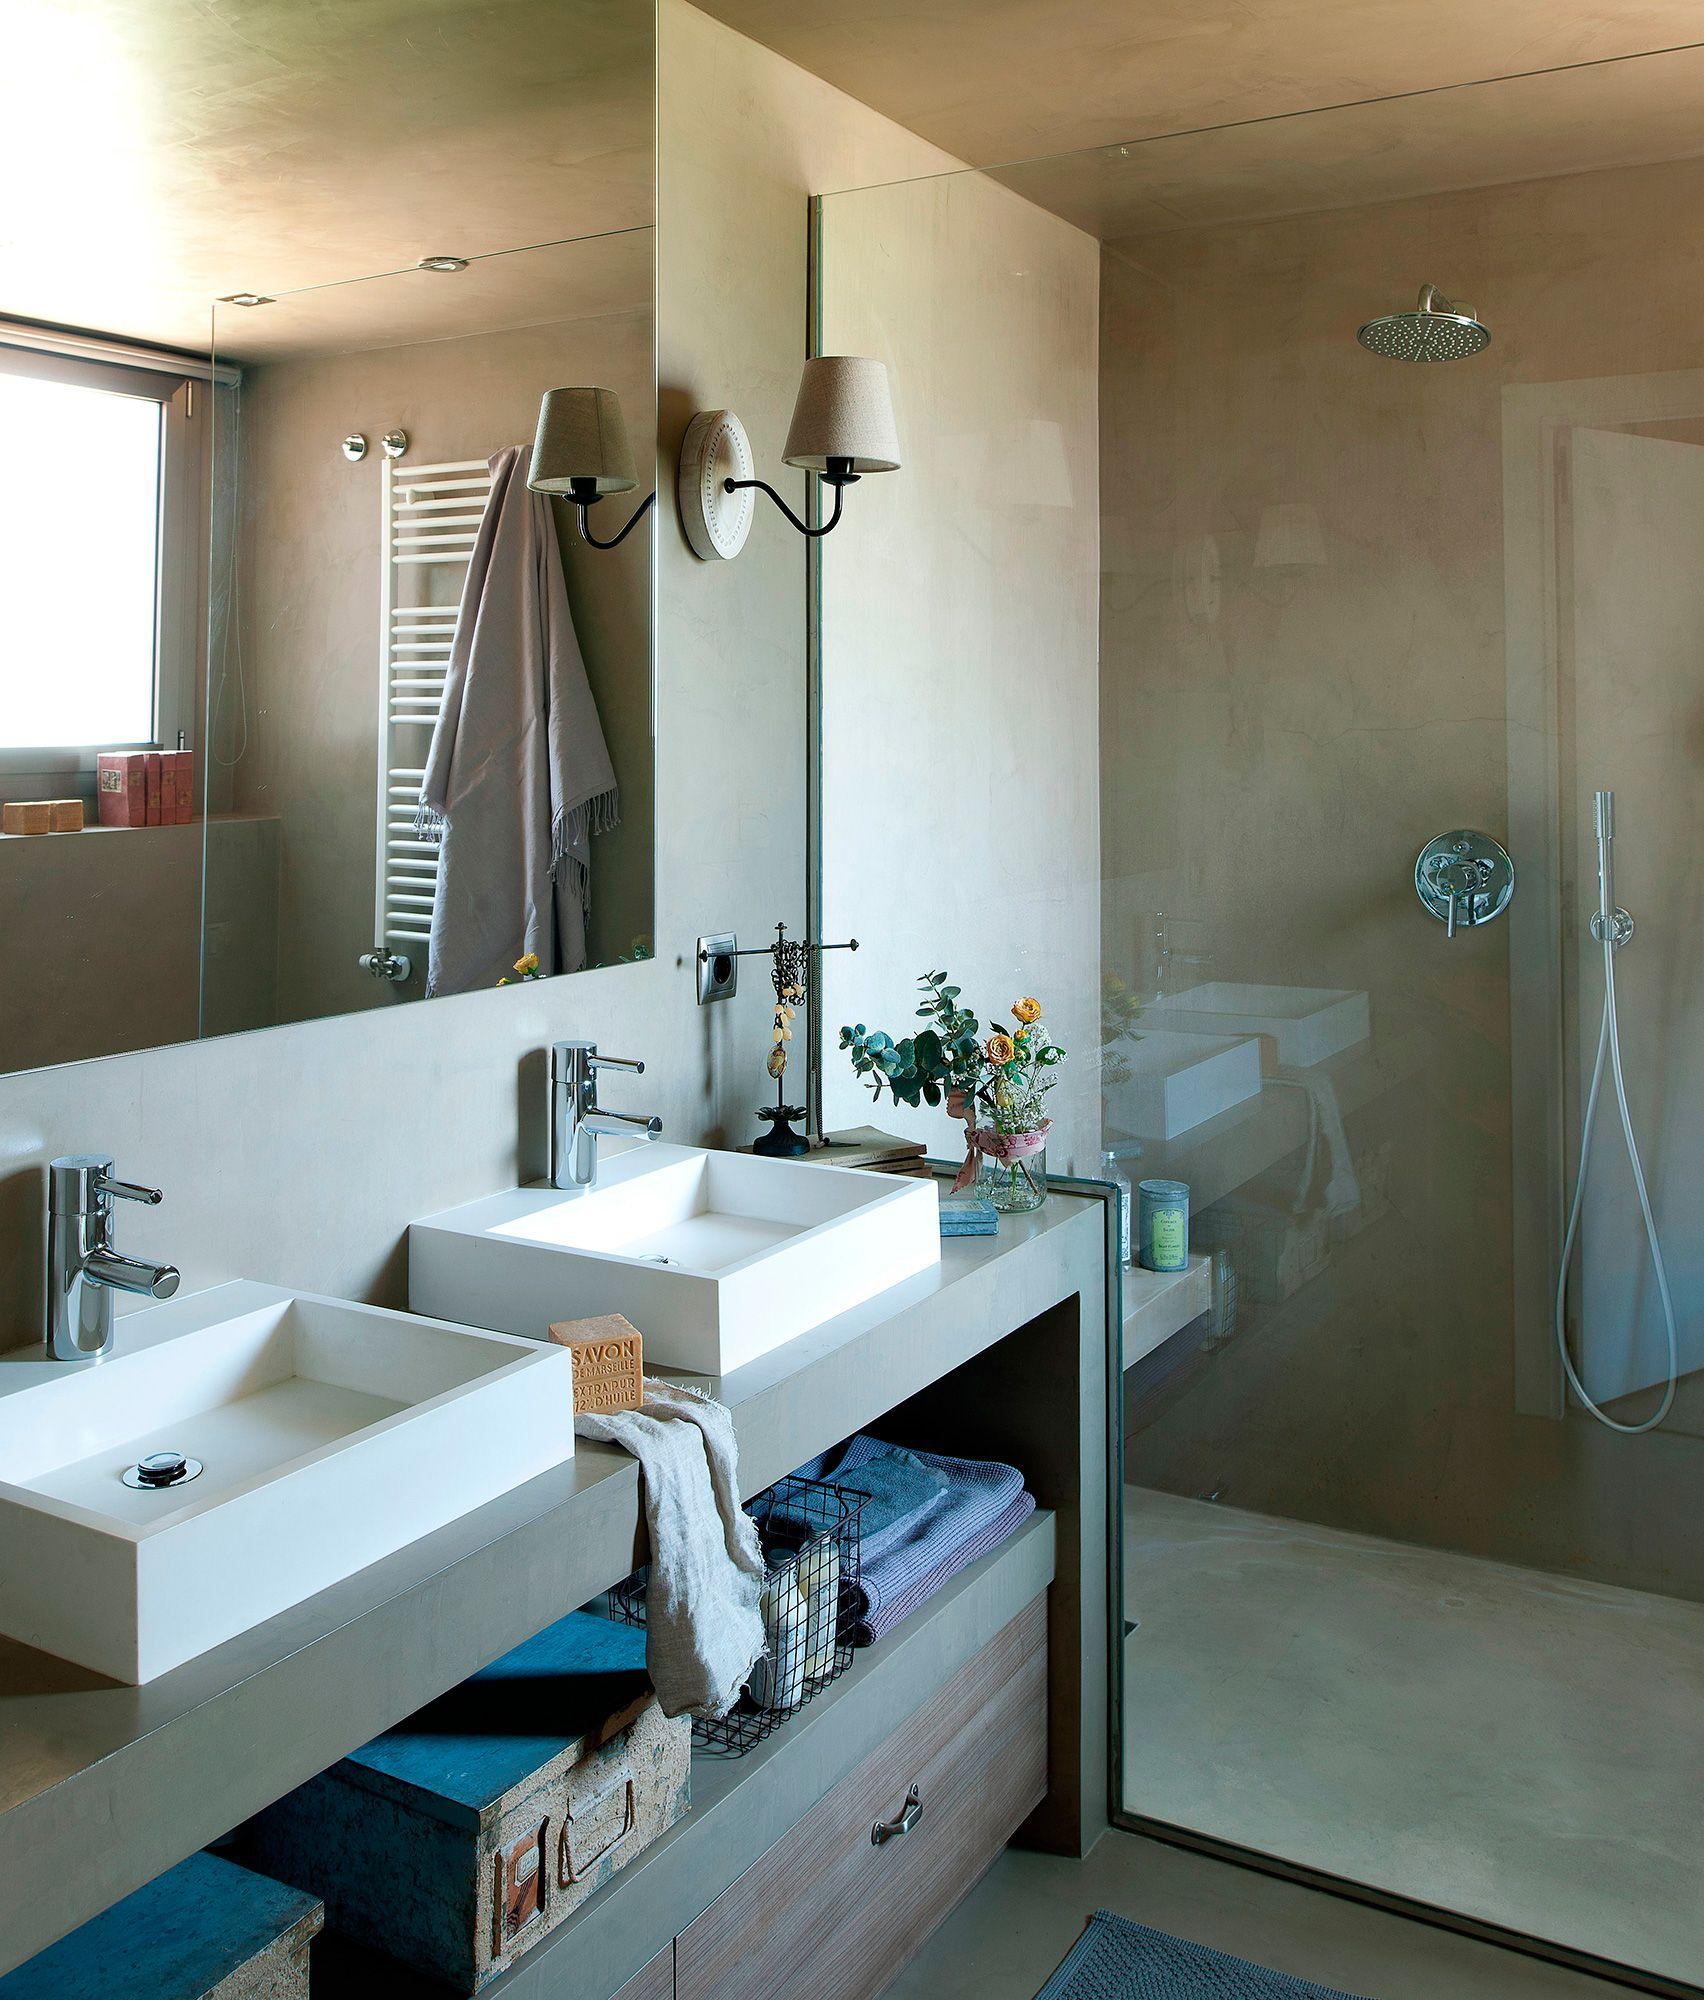 Siempre al un sono en 5 5 m2 bathrooms ba o for Pared de bano de concreto encerado